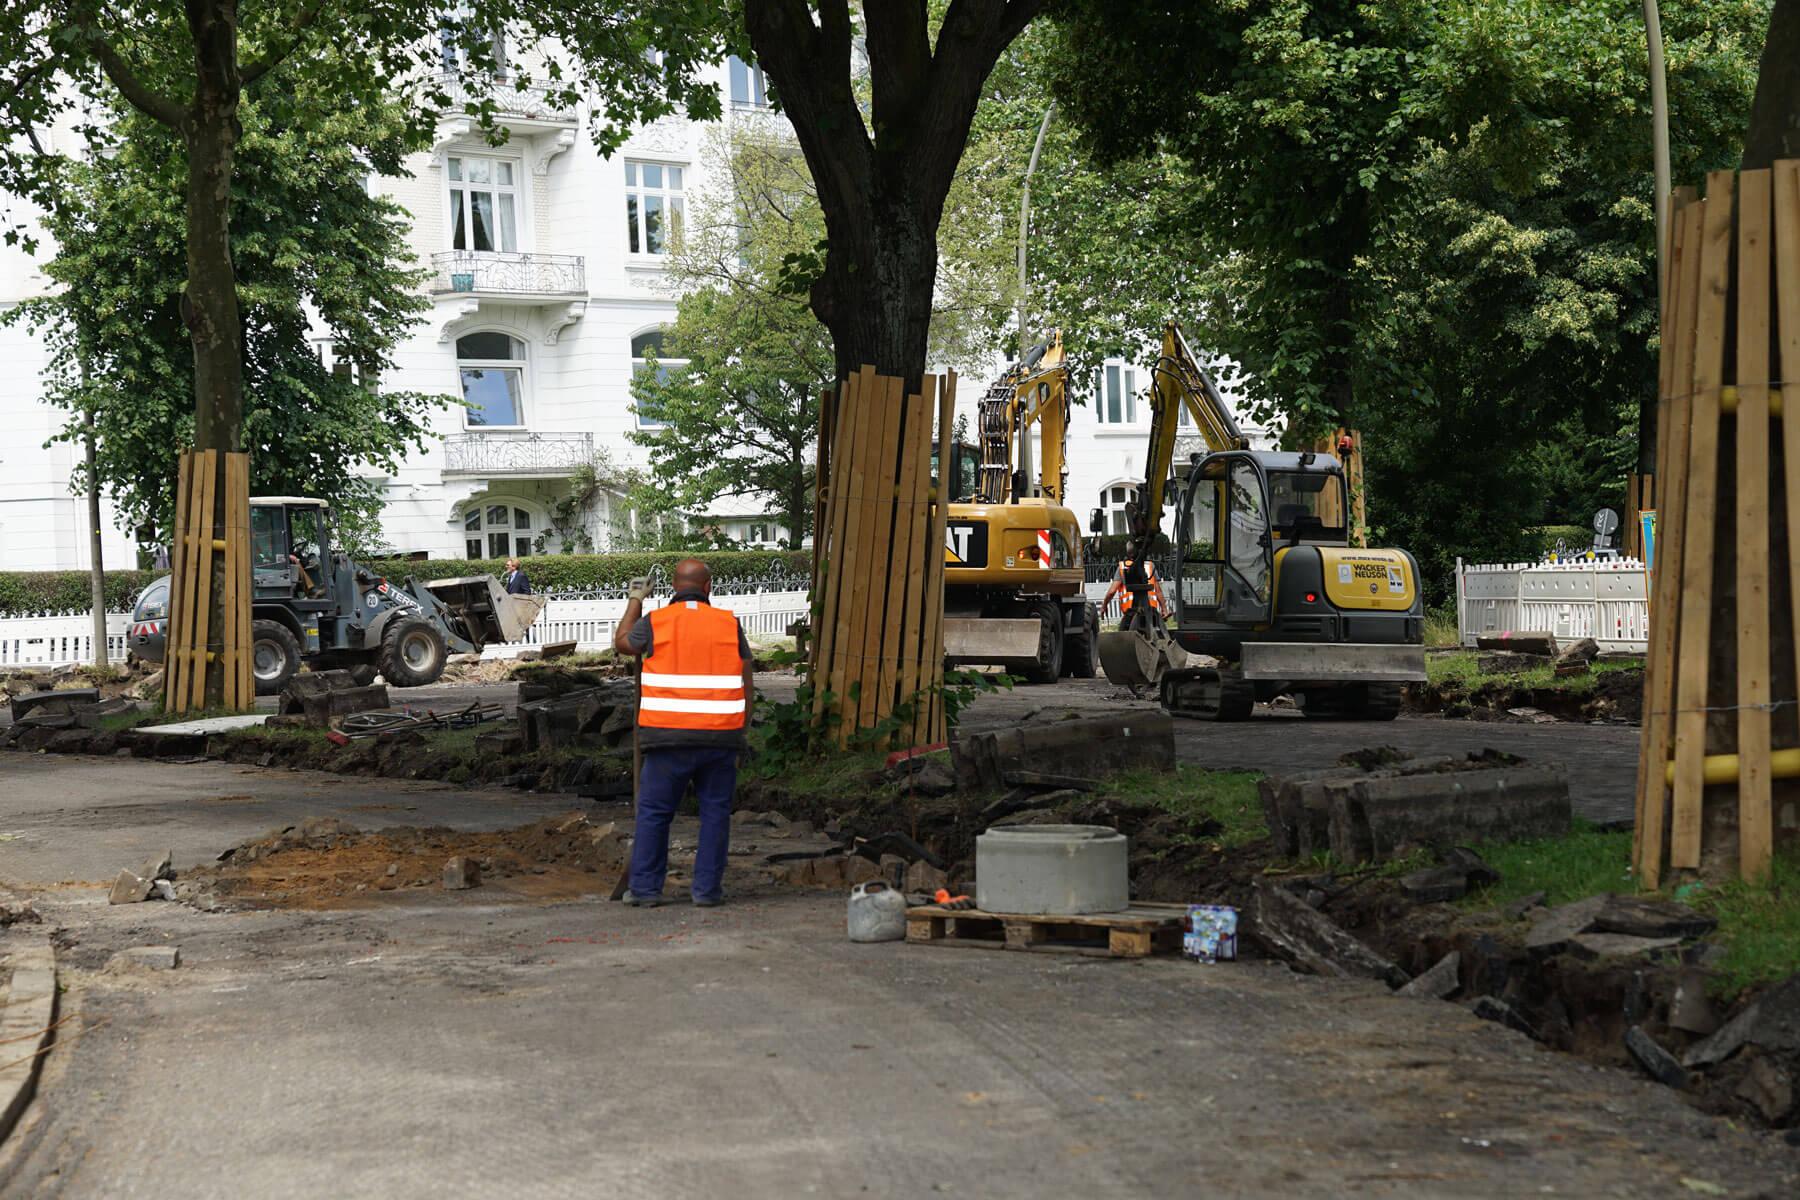 Straßenbauarbeiten für eine neue Betondecke im Wohngebiet von Hamburg